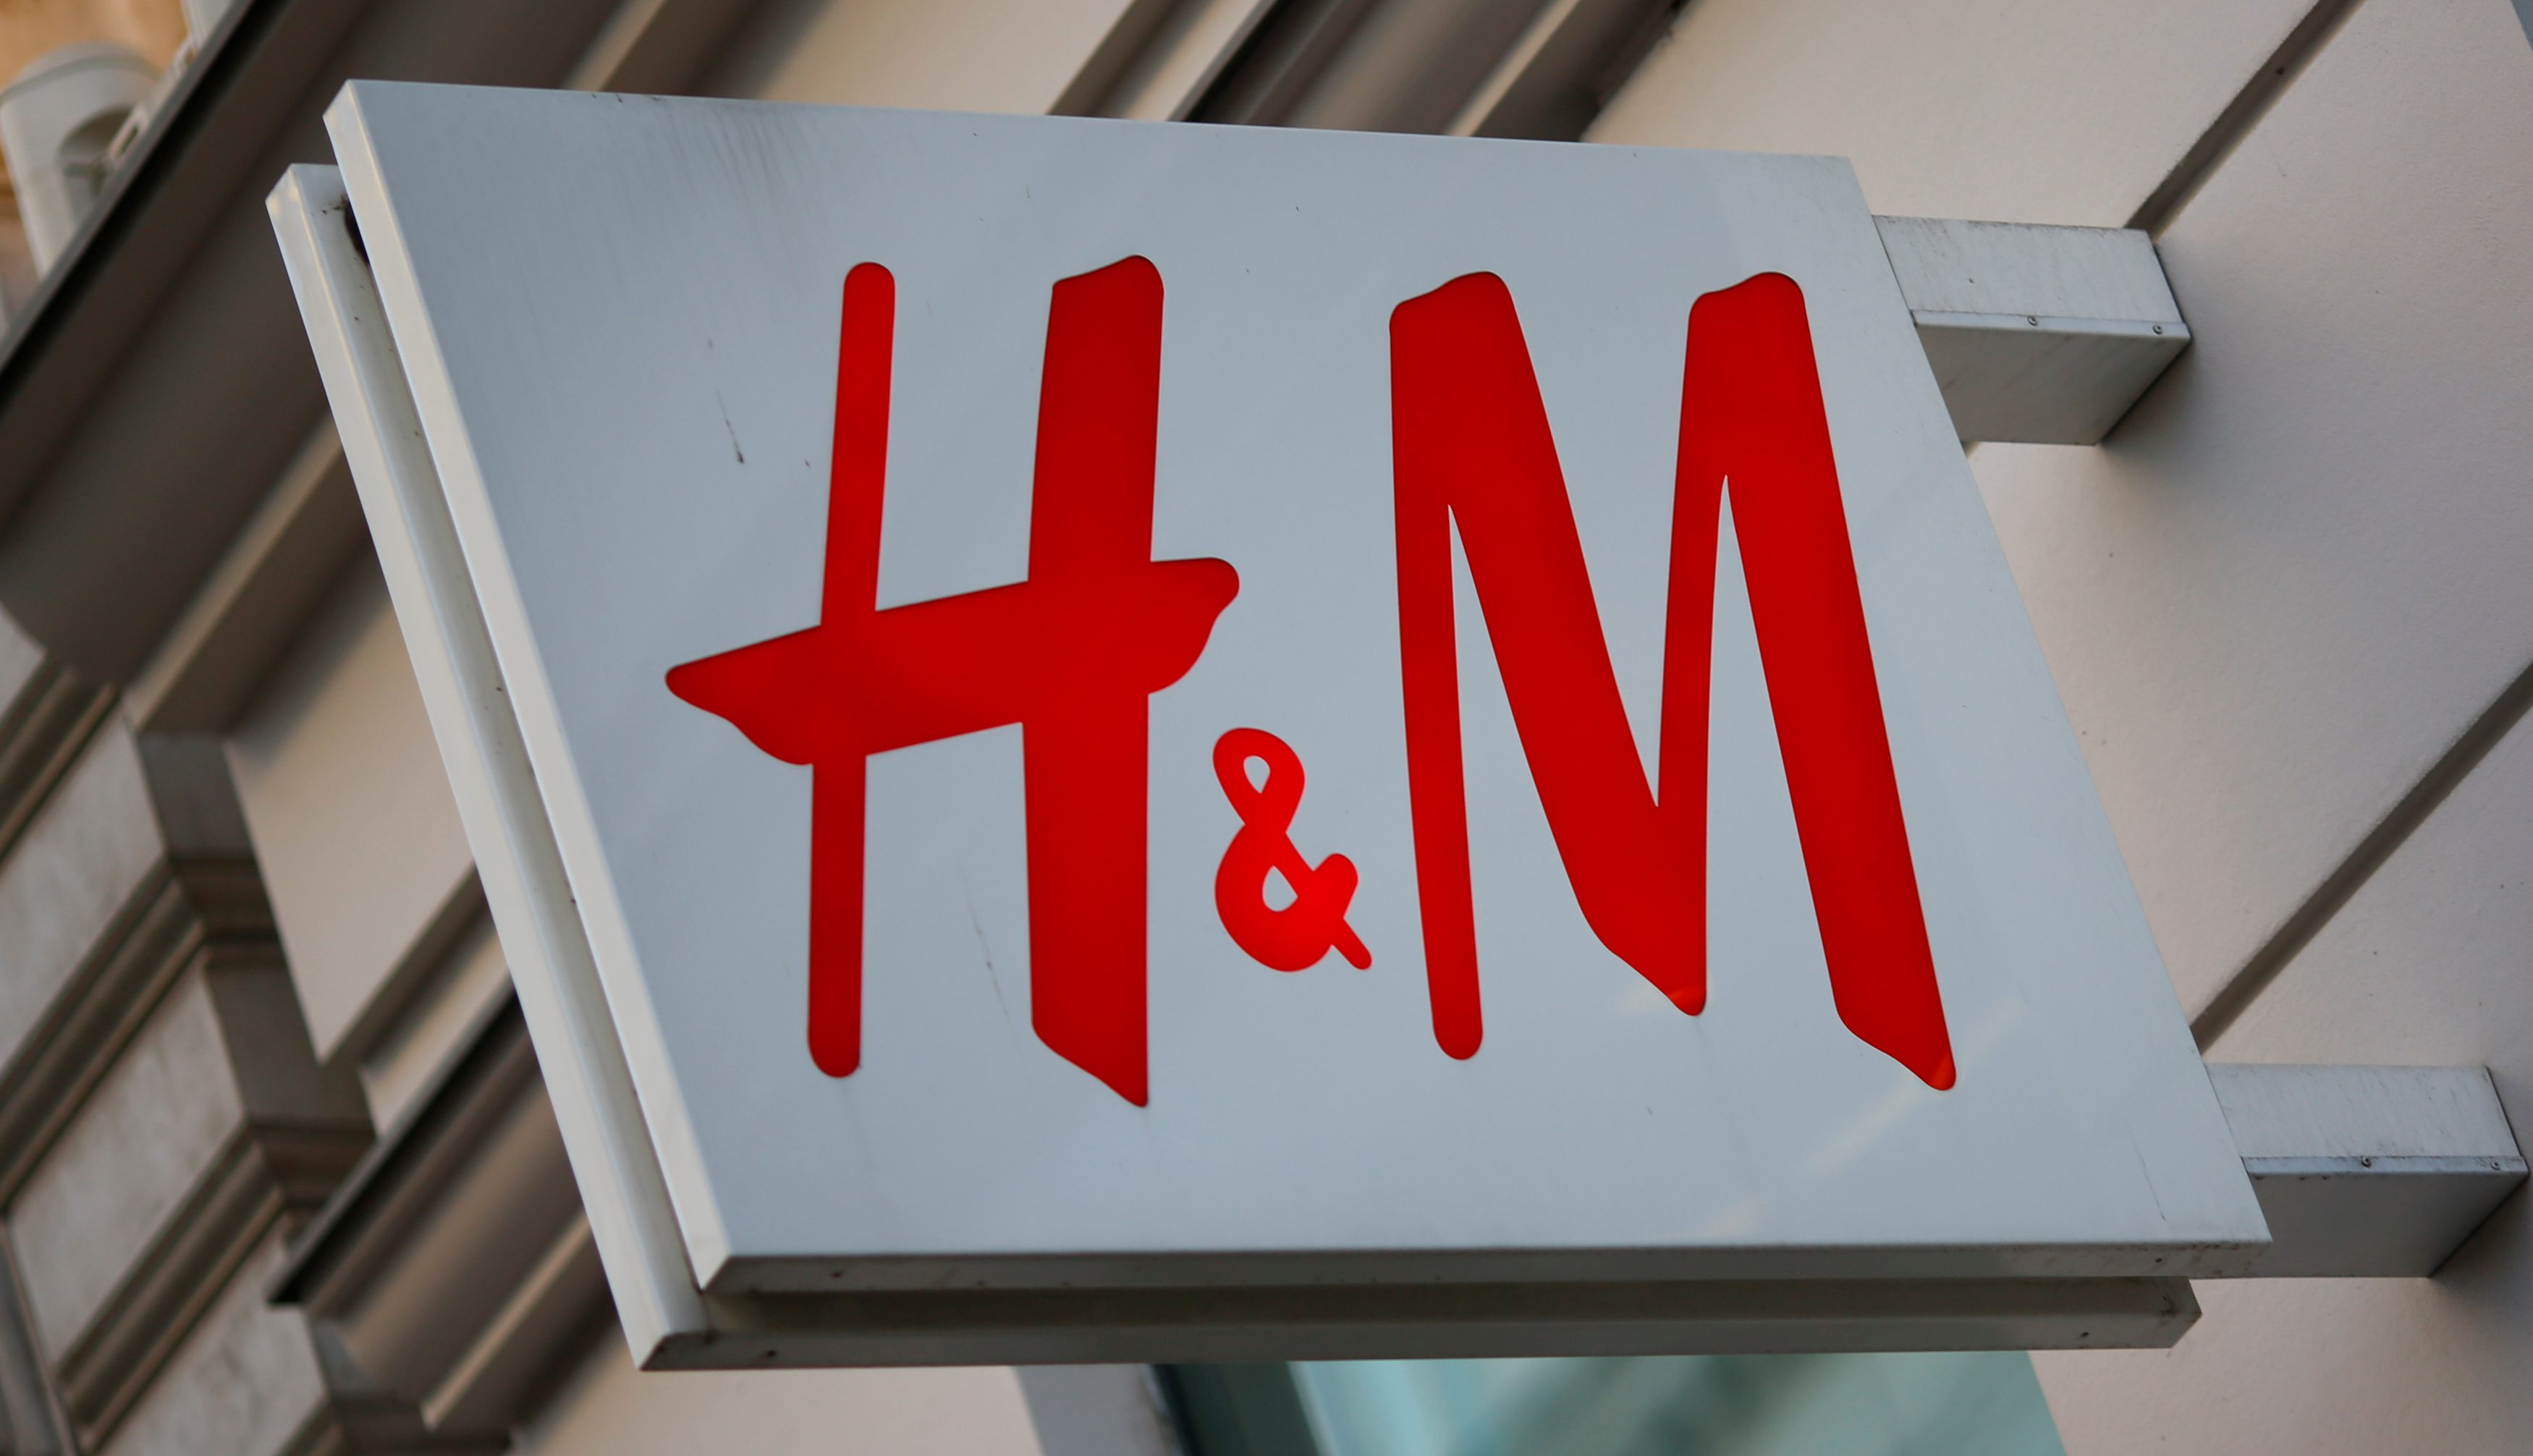 H & m clothing shop online